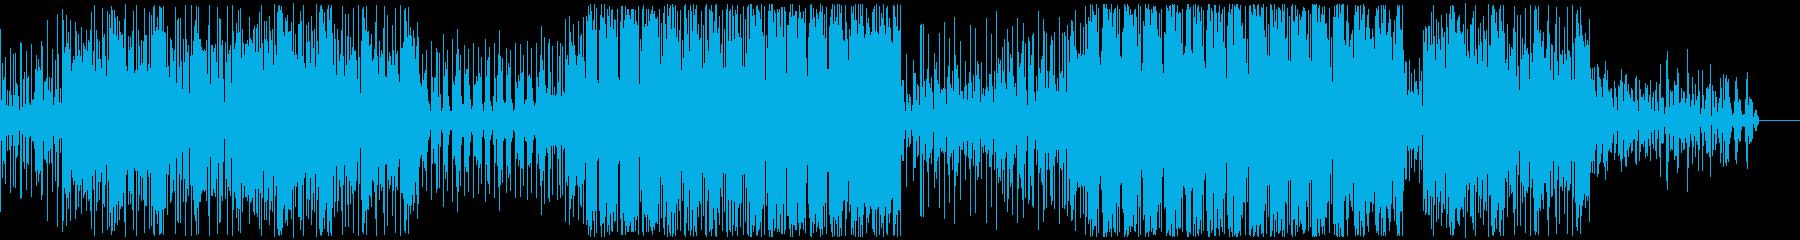 アンダーグラウンドなテクノ系BGMの再生済みの波形